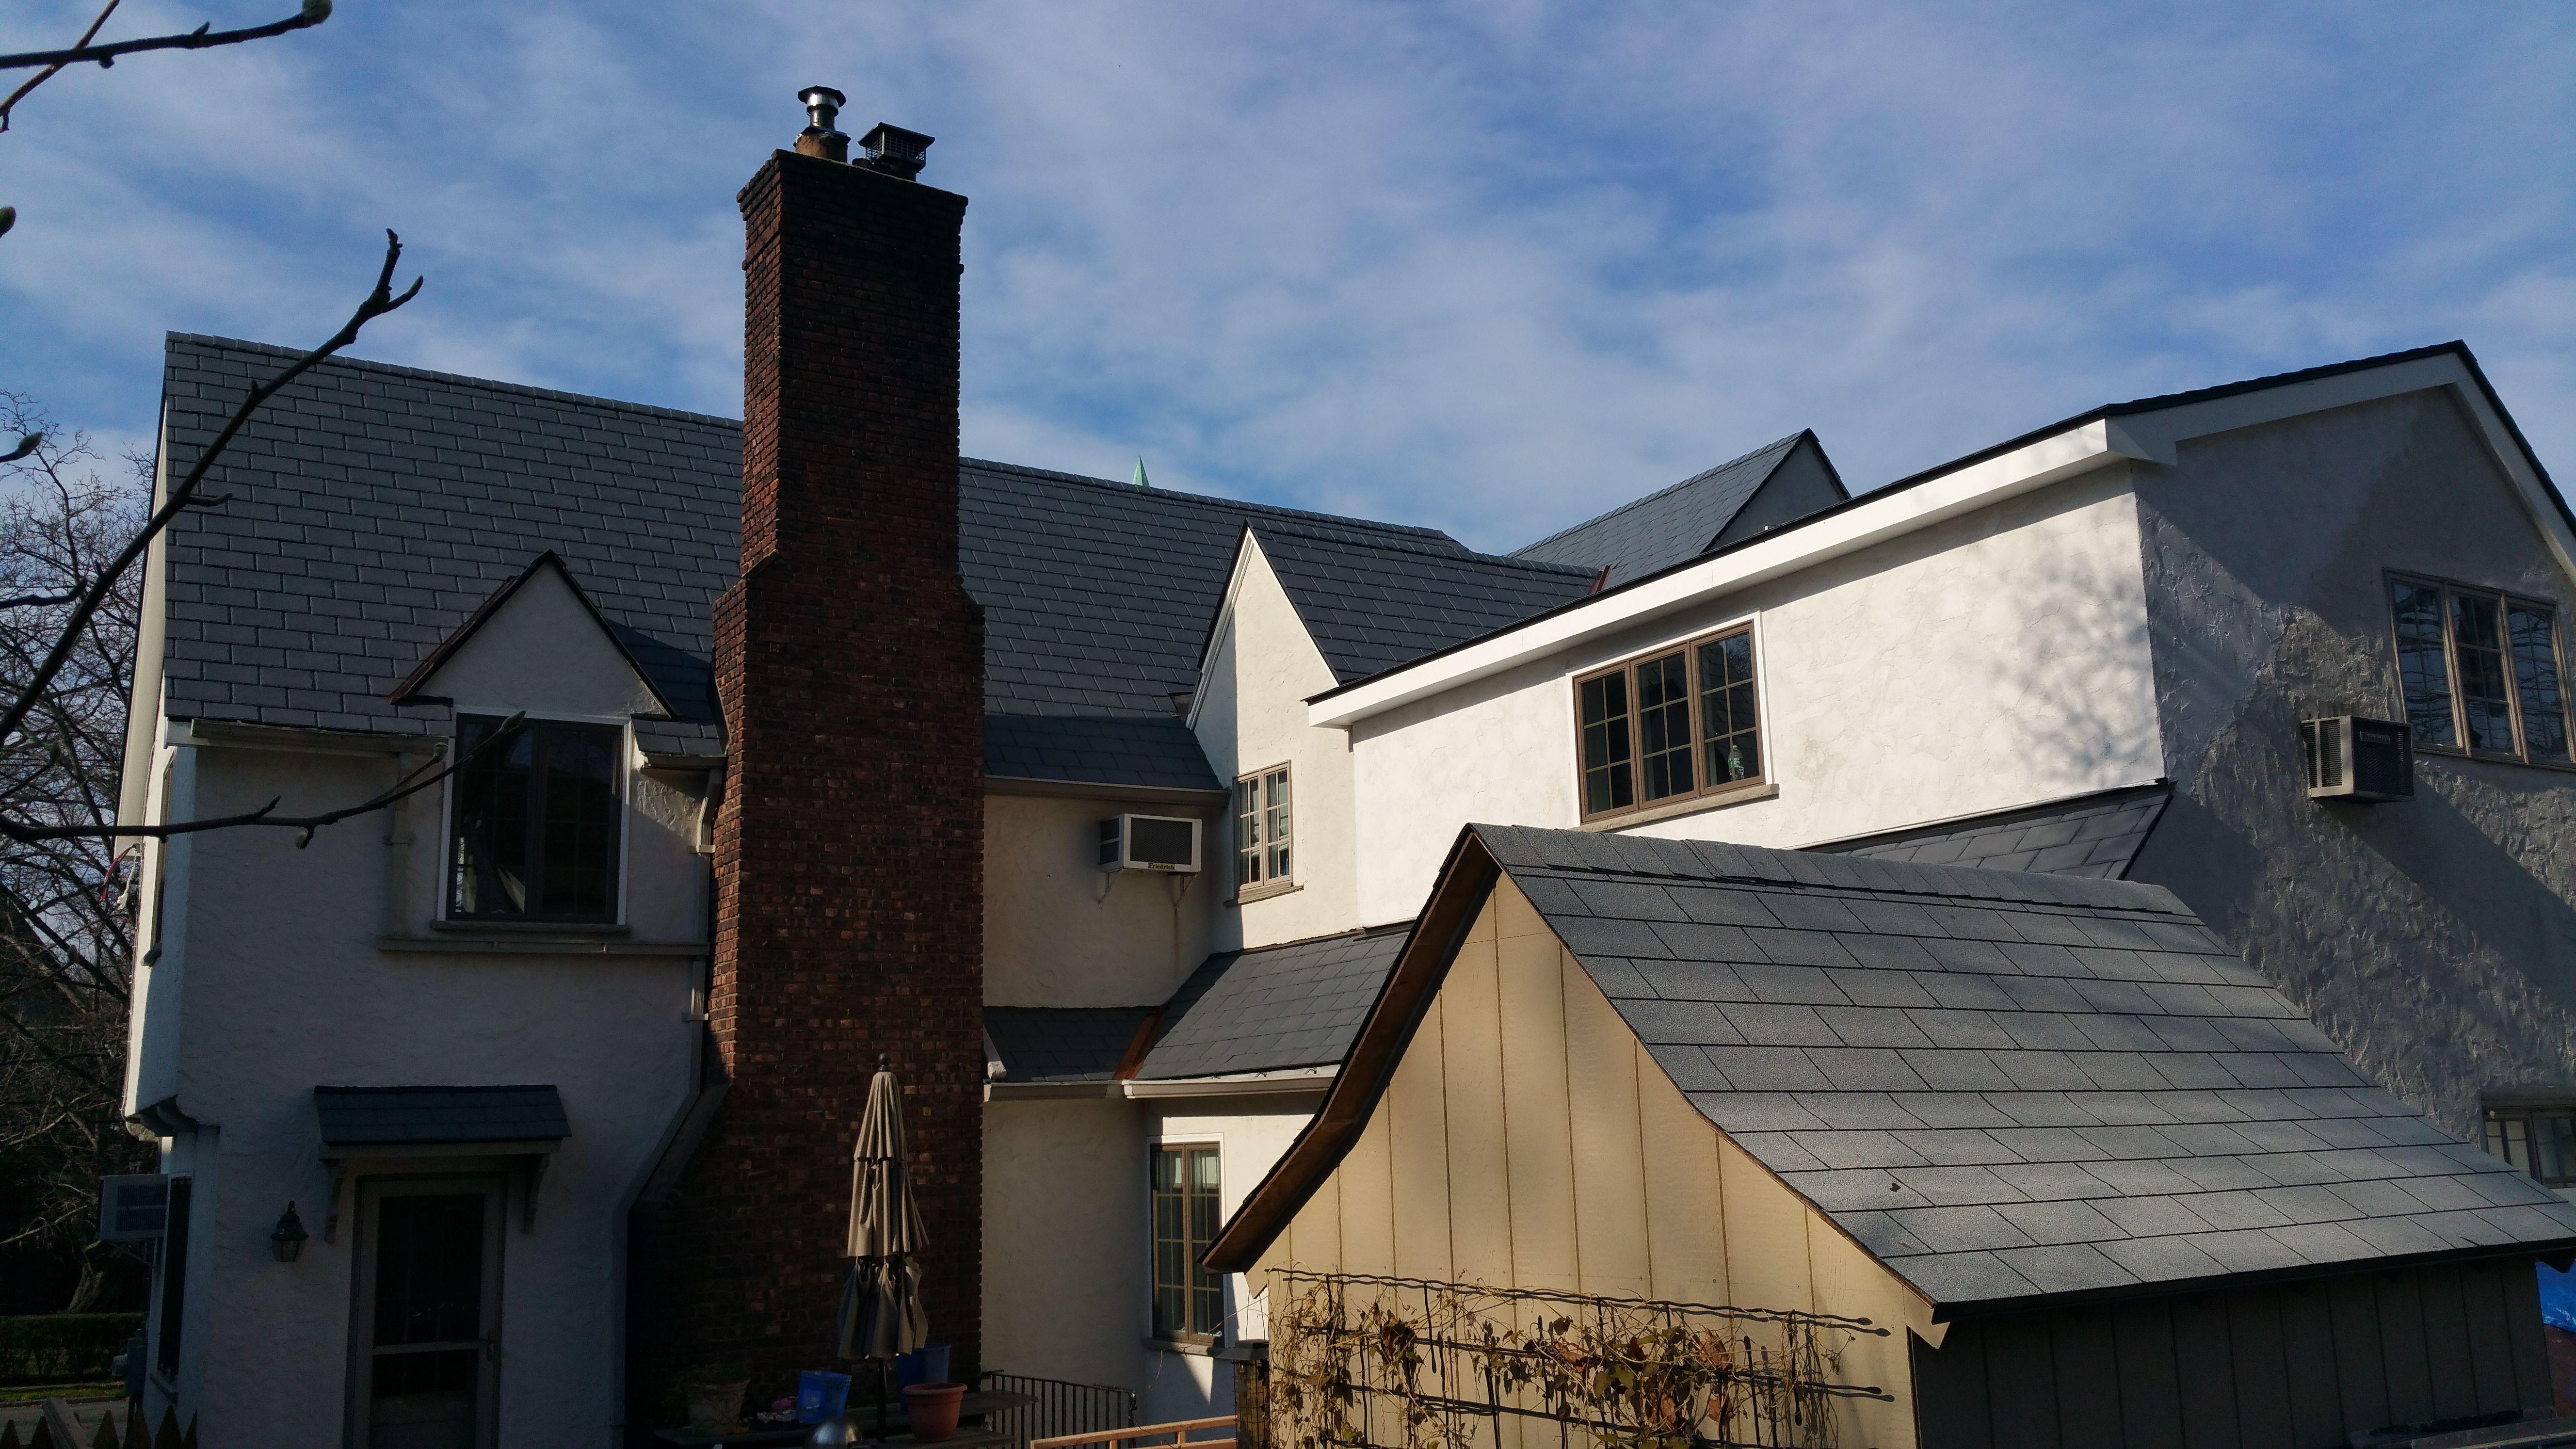 Residential Roofing Residential Roofing Remodeling Renovation Roof Repair